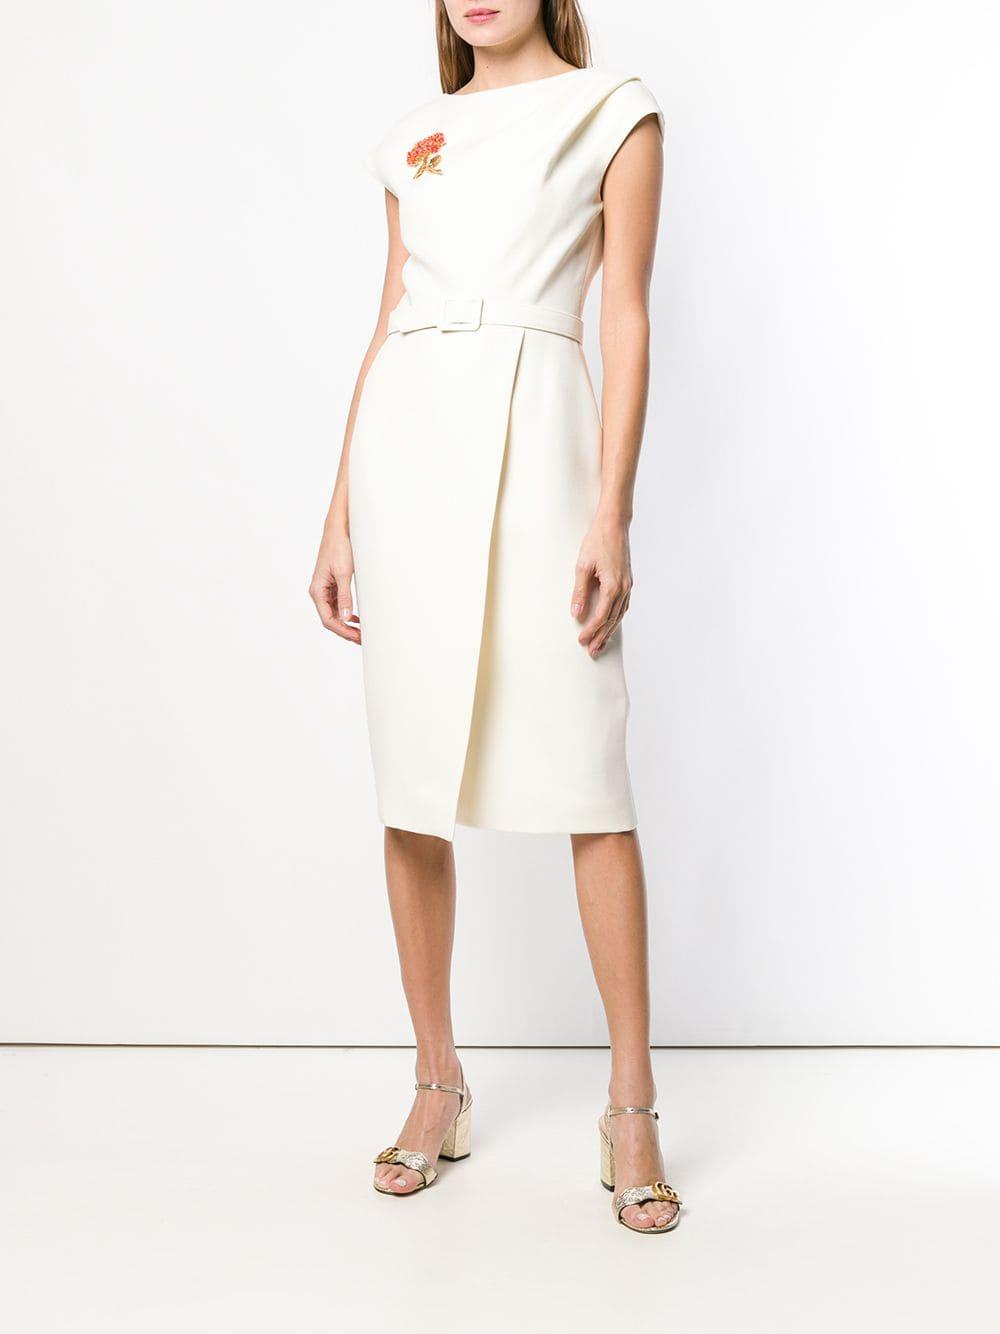 OSCAR DE LA RENTA Belted Midi Ivory Dress